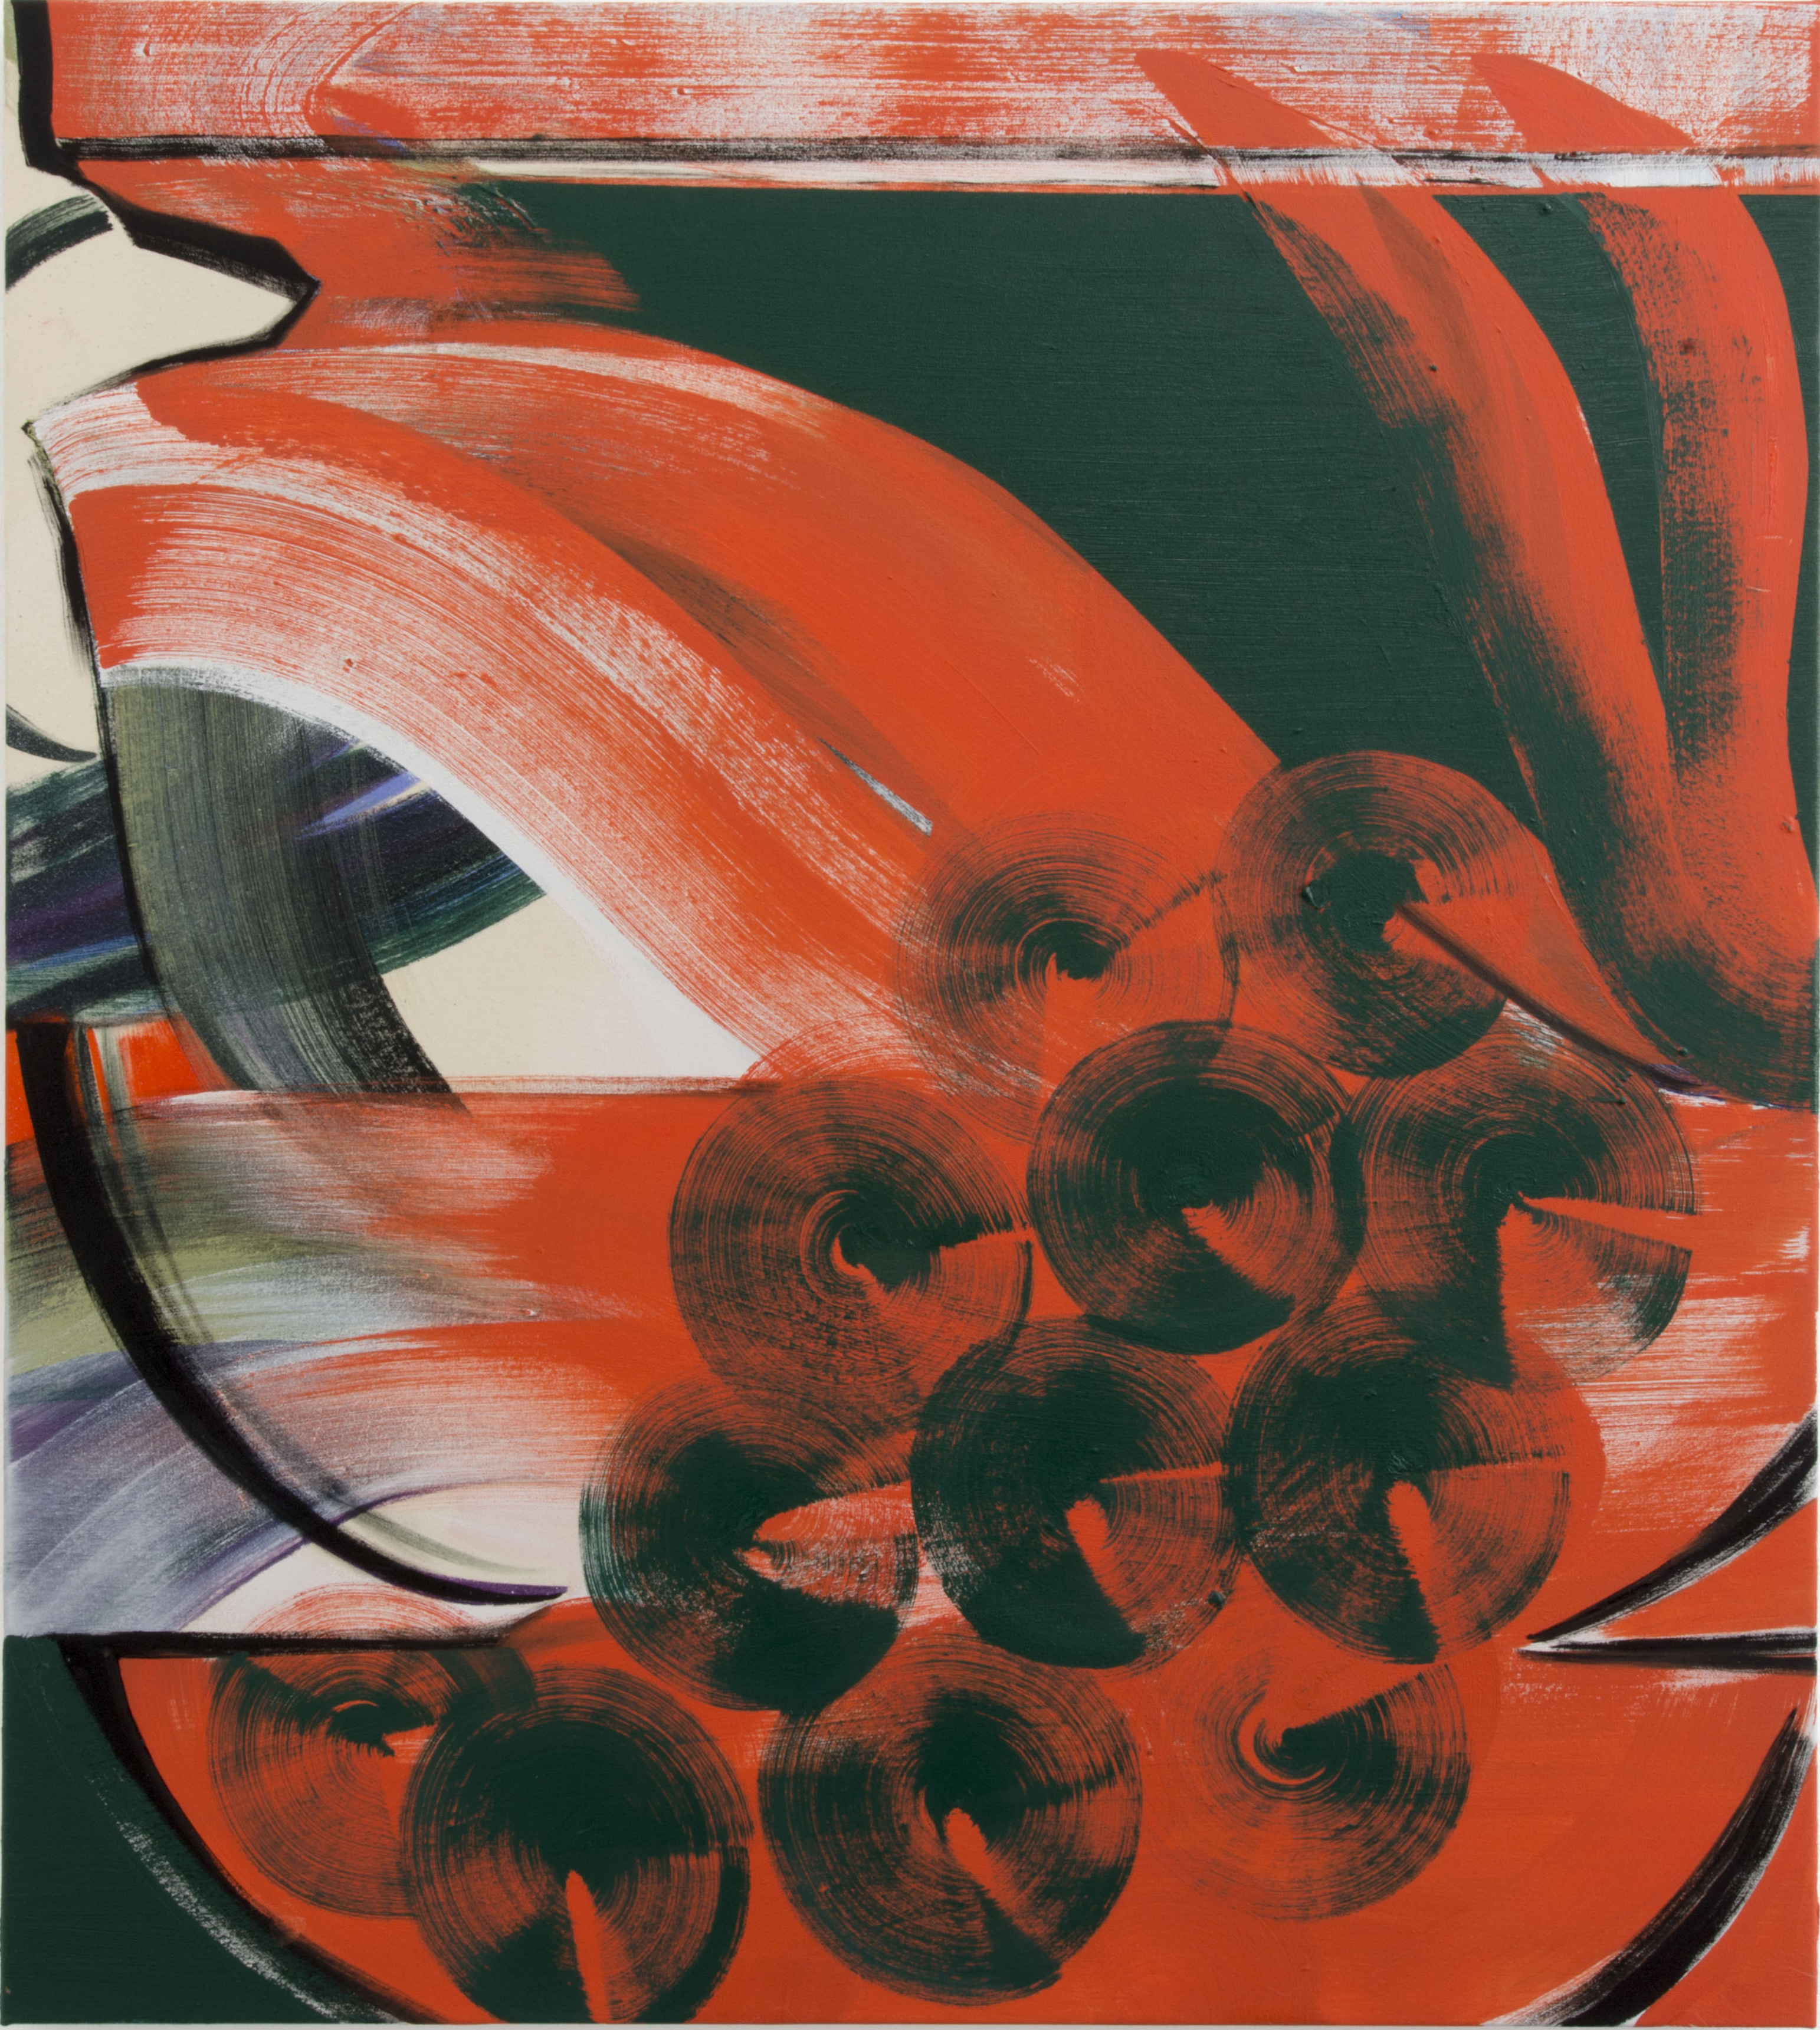 Janine van Oene / Stippenlift / 2018 / 95 x 85 cm /  oil on canvas